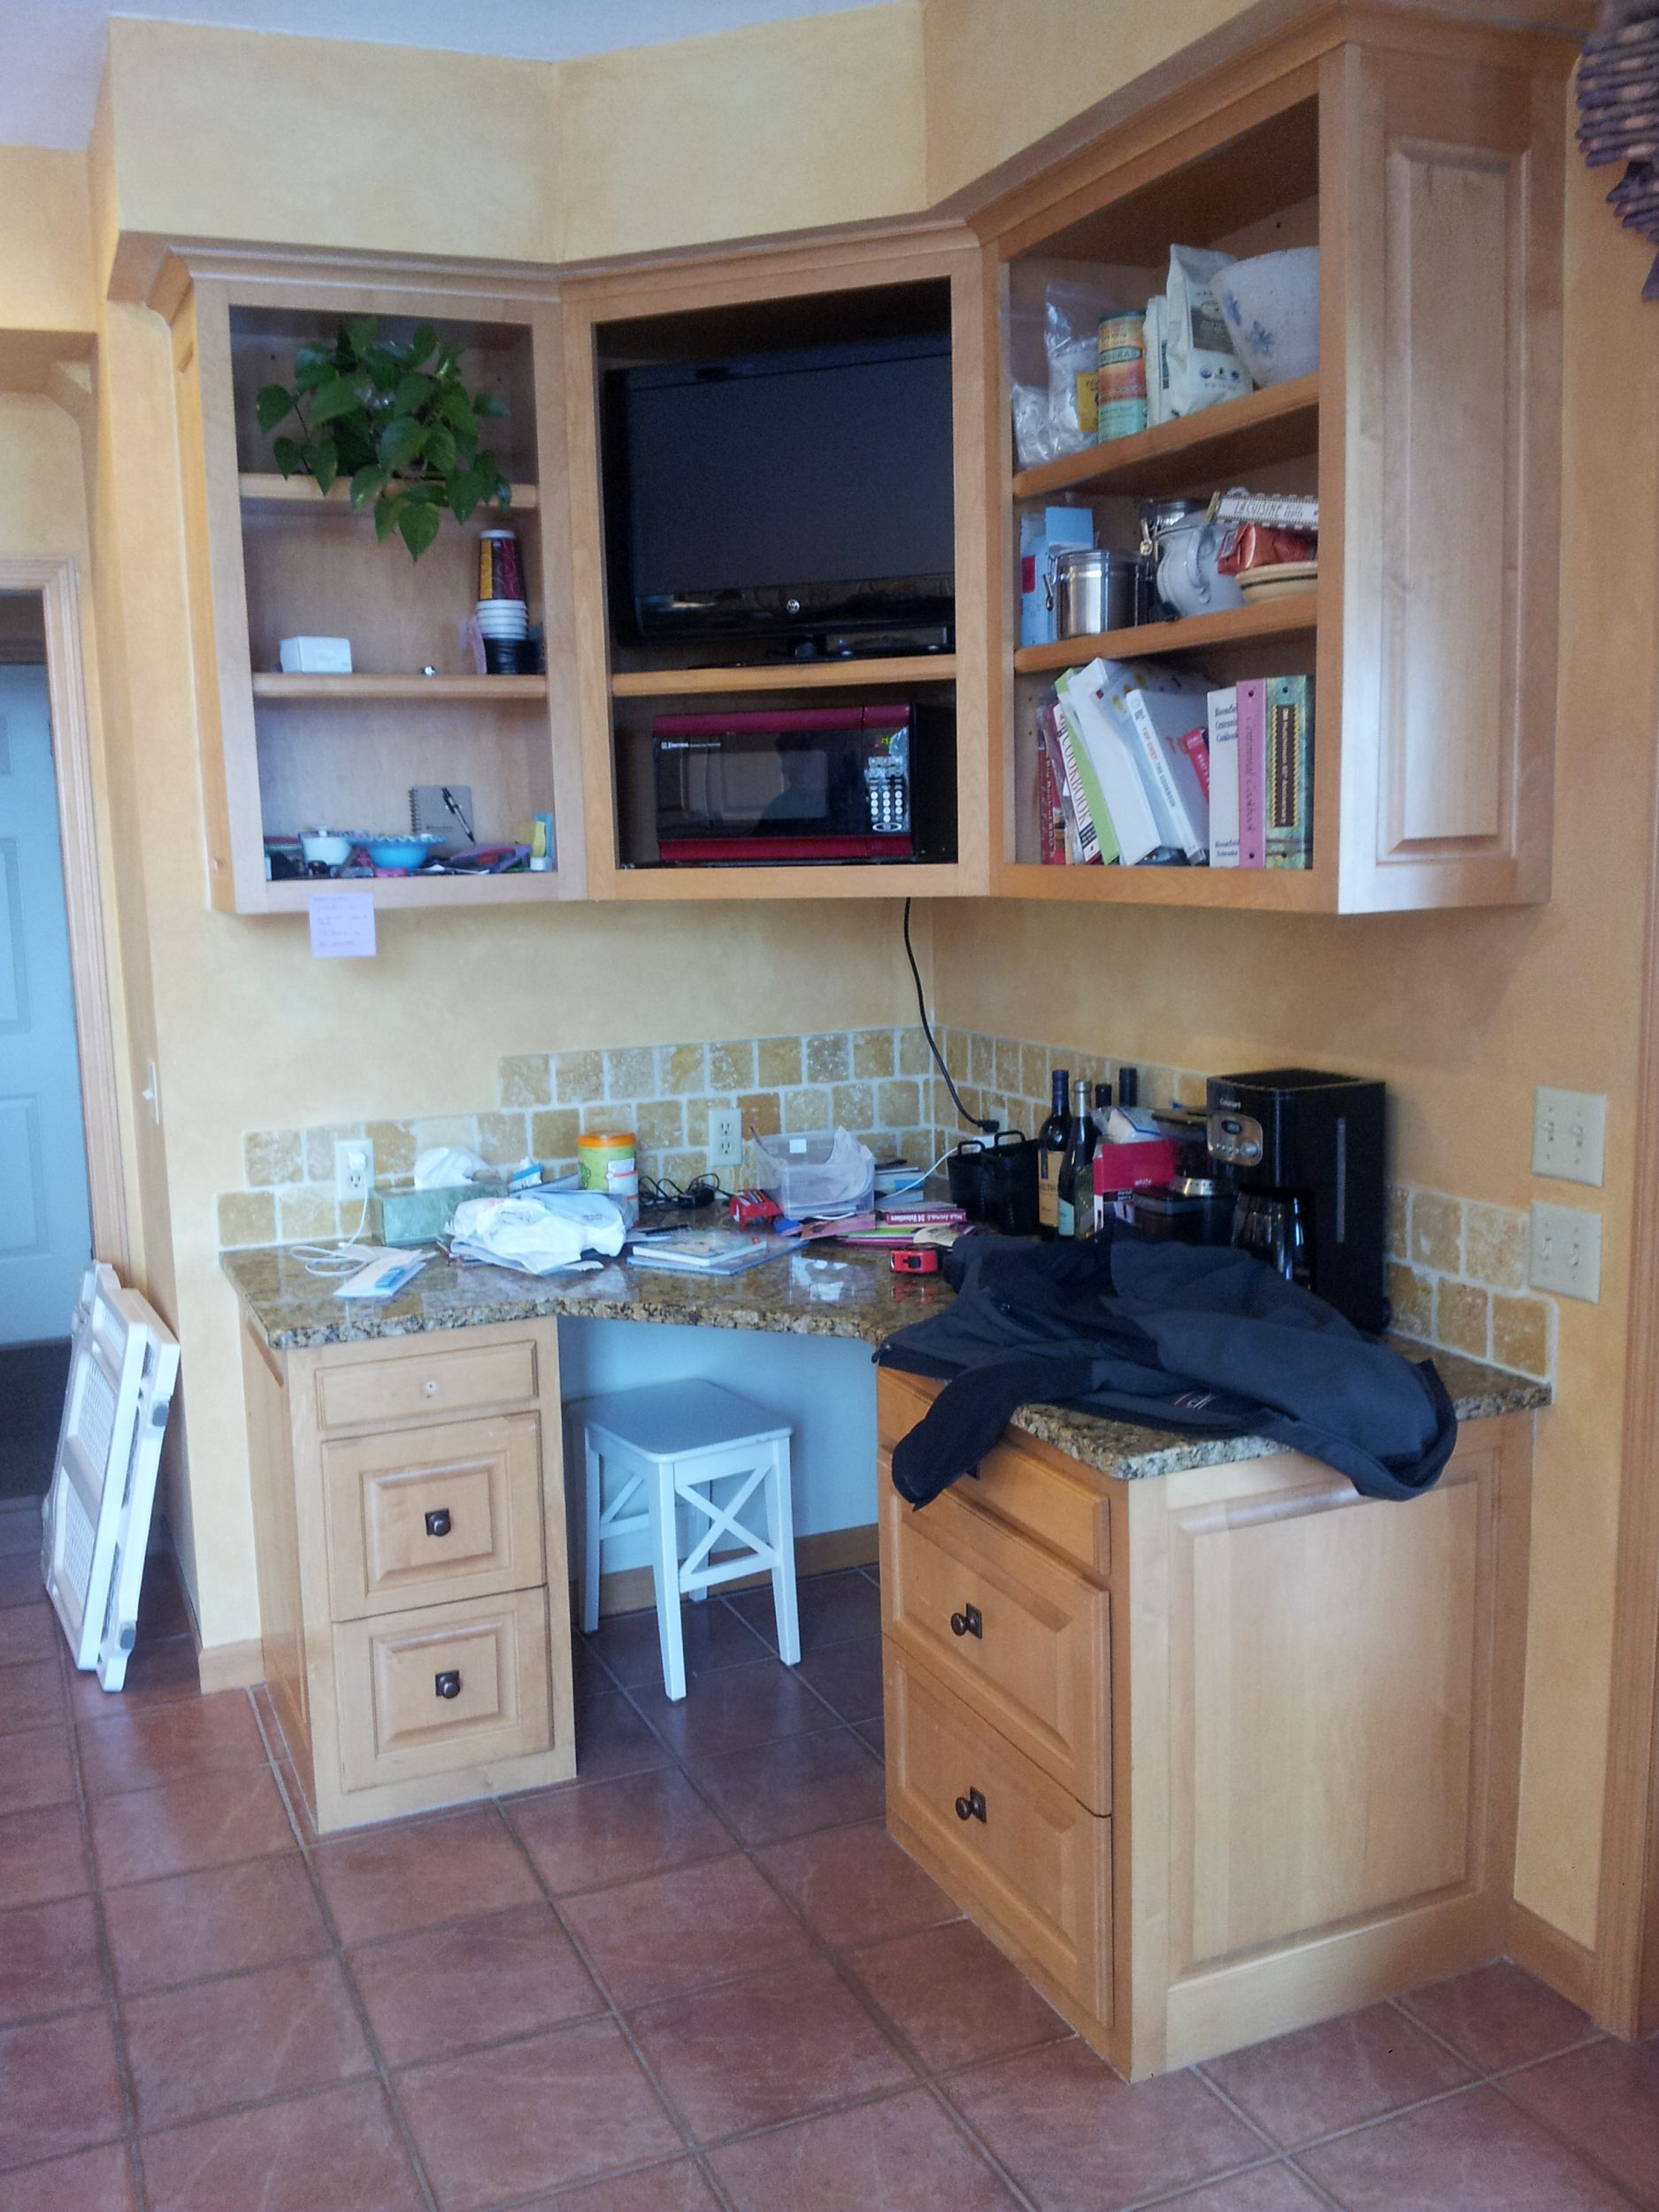 anderson-mcallister_kitchen_before_13.jpg